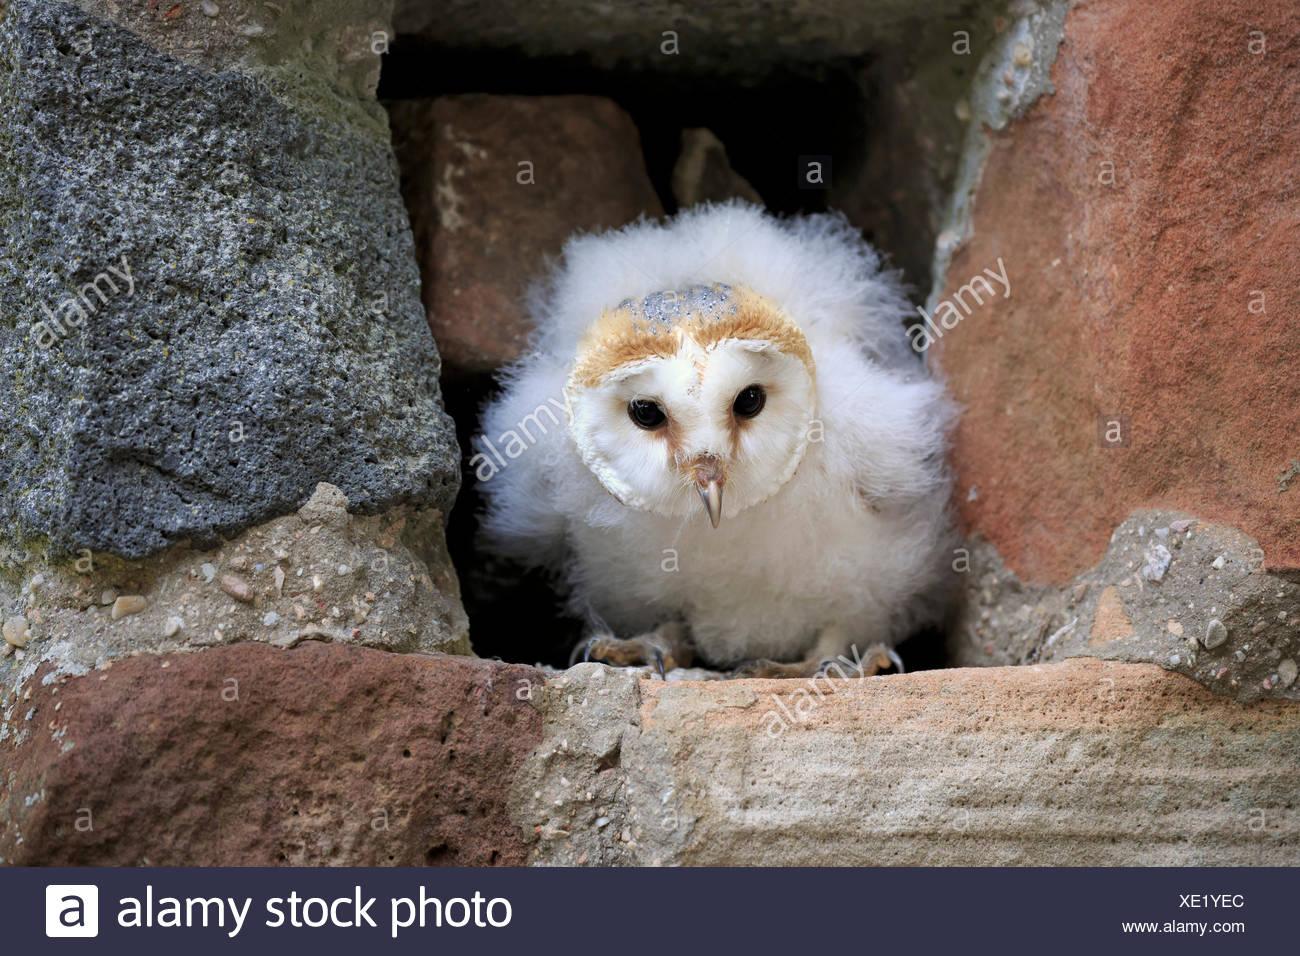 Barn Owl, young, Pelm, Kasselburg, Eifel, Germany, Europe / (Tyto alba) - Stock Image